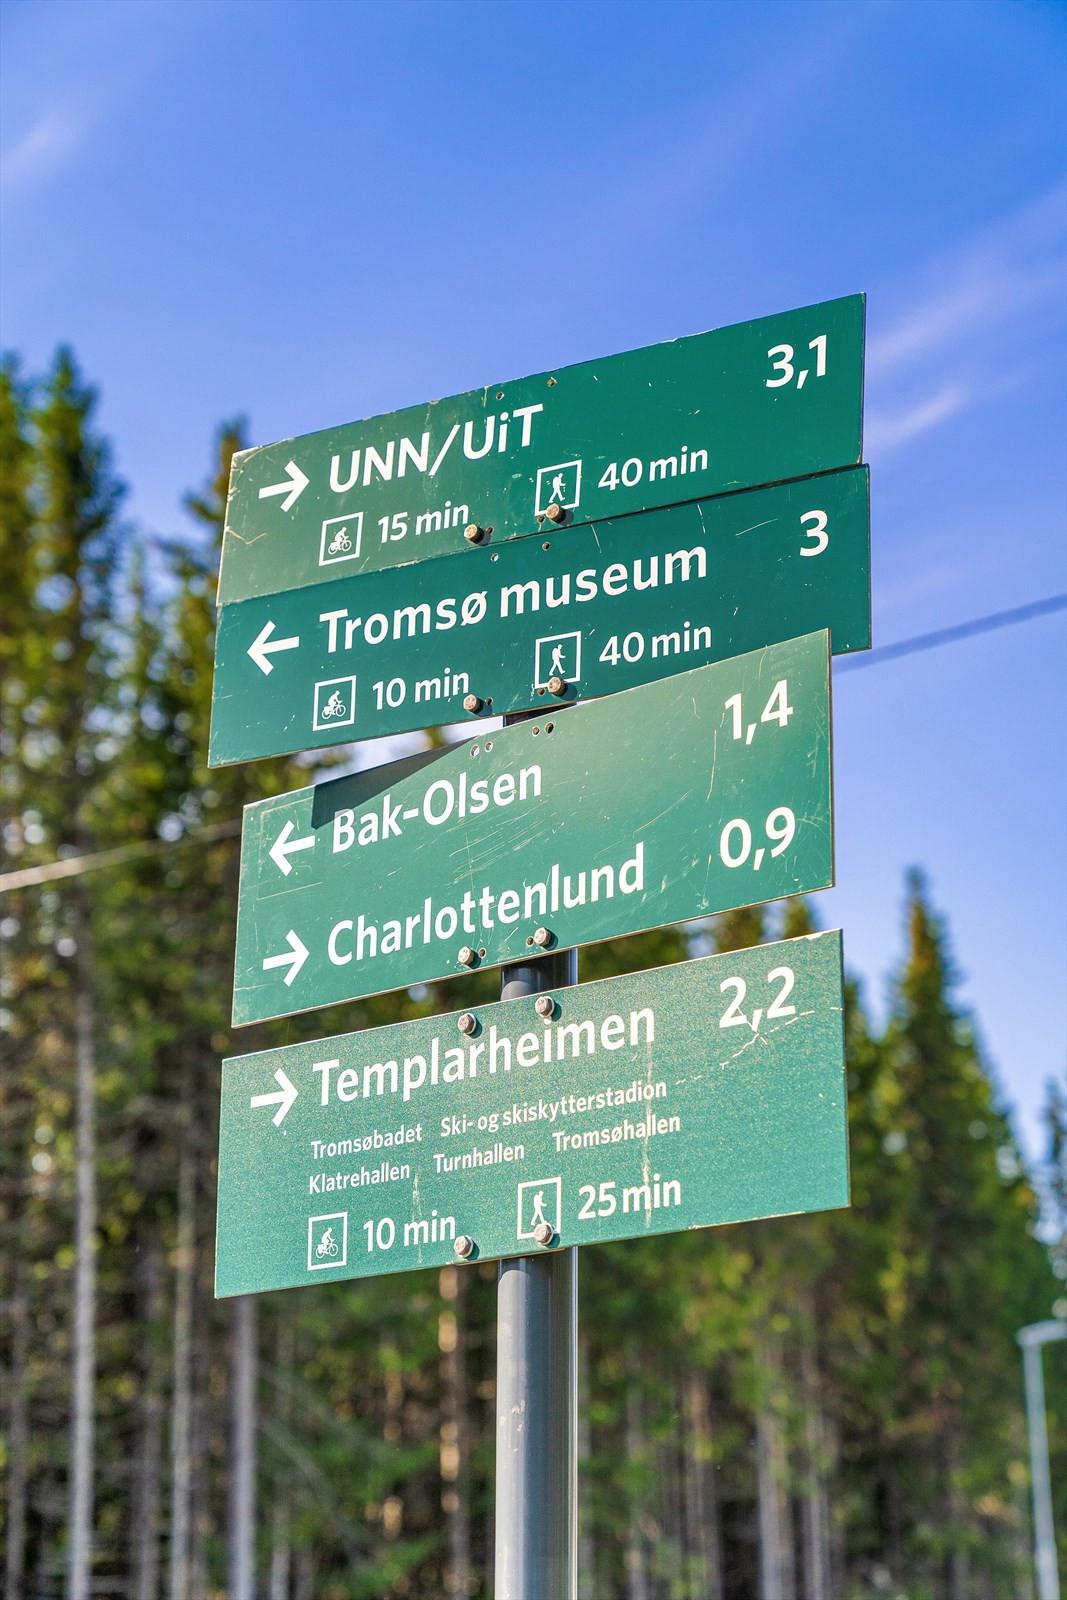 Fra leiligheten er det kun kort avstand til Tromsø marka med sine mange naturstier som leder til både UNN/UIT, Prestvannet og folkeparken